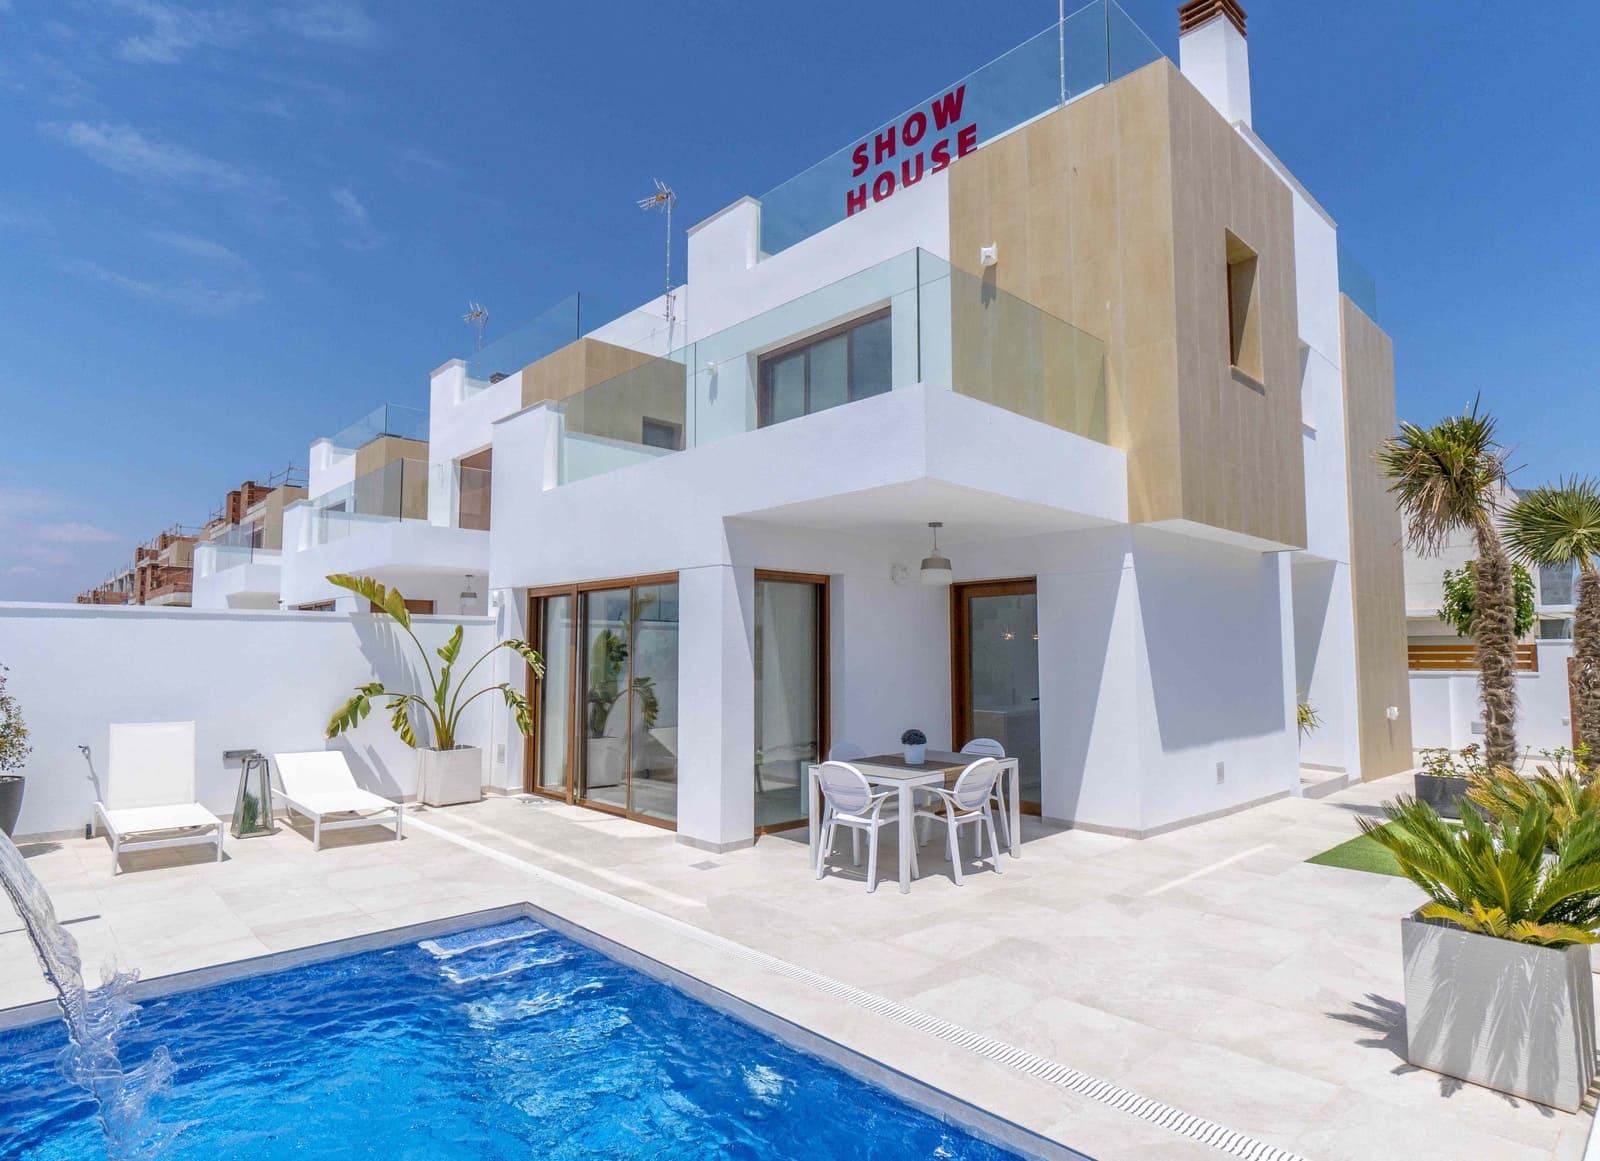 Chalet de 3 habitaciones en Pilar de la Horadada en venta - 389.500 € (Ref: 4436750)